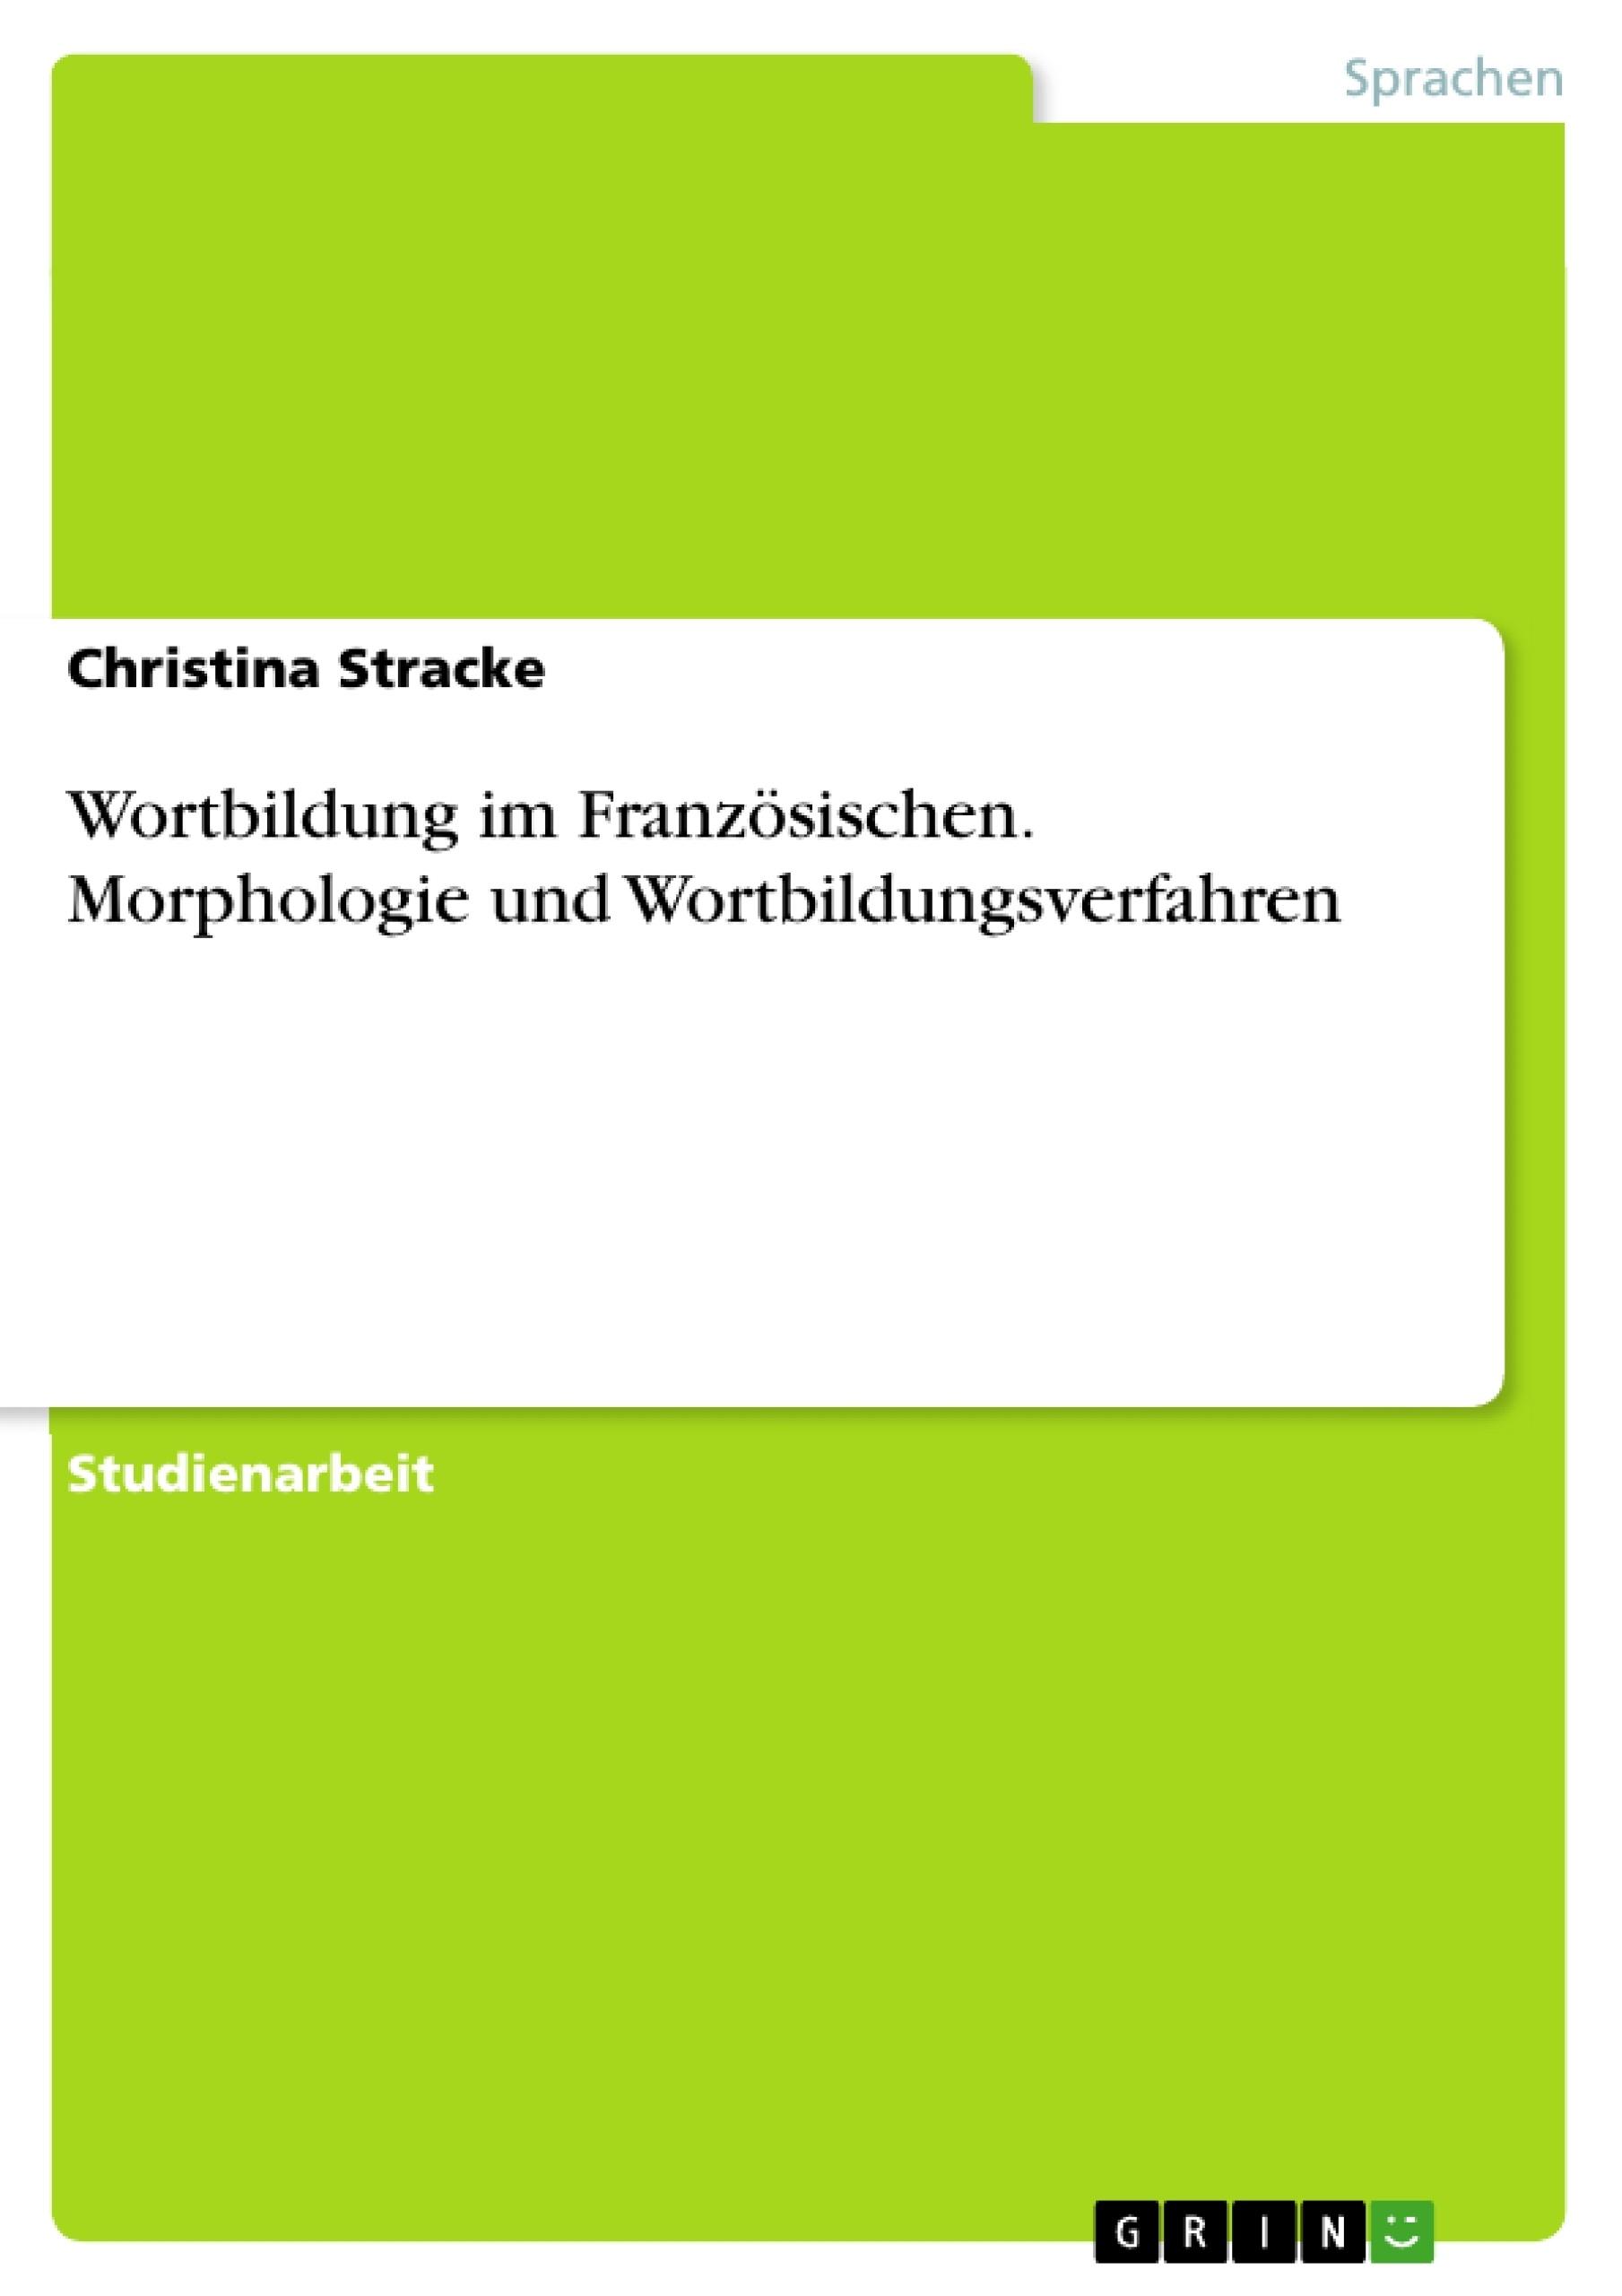 Titel: Wortbildung im Französischen. Morphologie und Wortbildungsverfahren